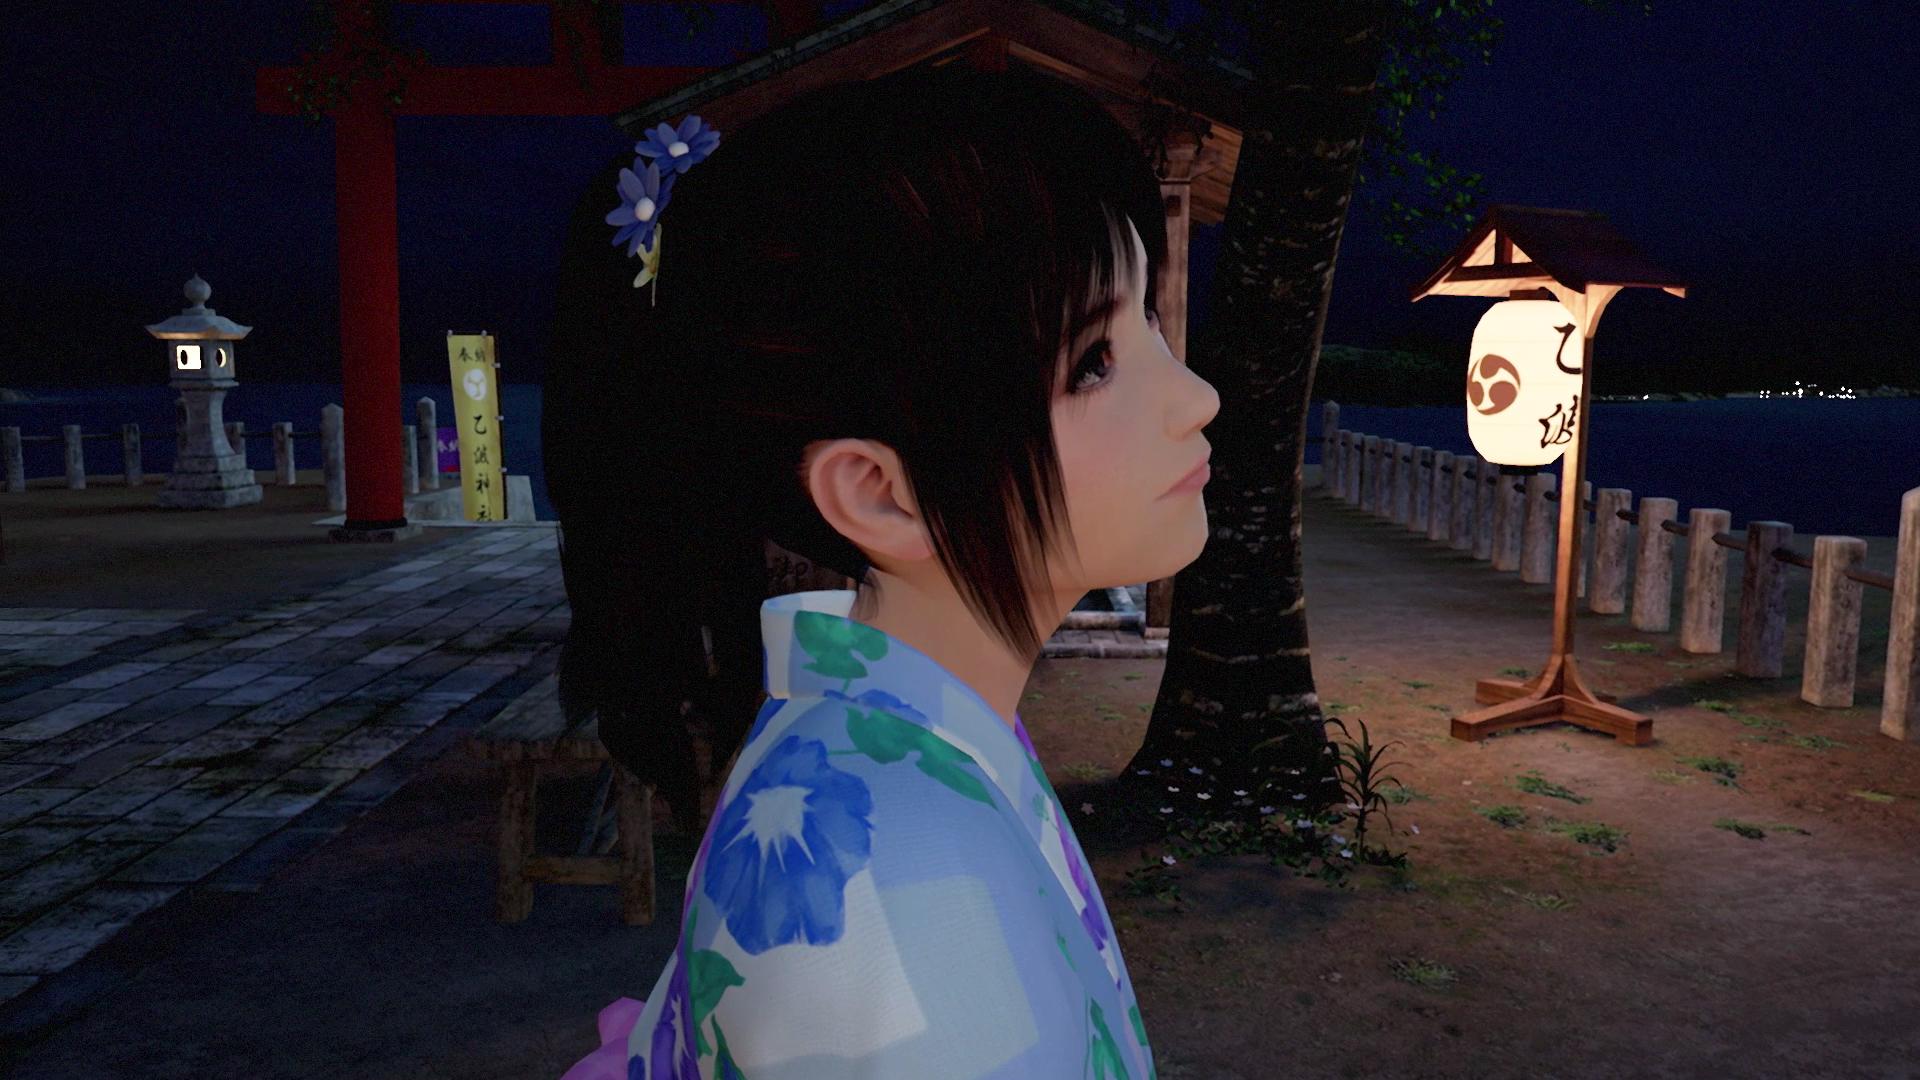 『サマーレッスン:宮本ひかり コレクション』ゲーム画面